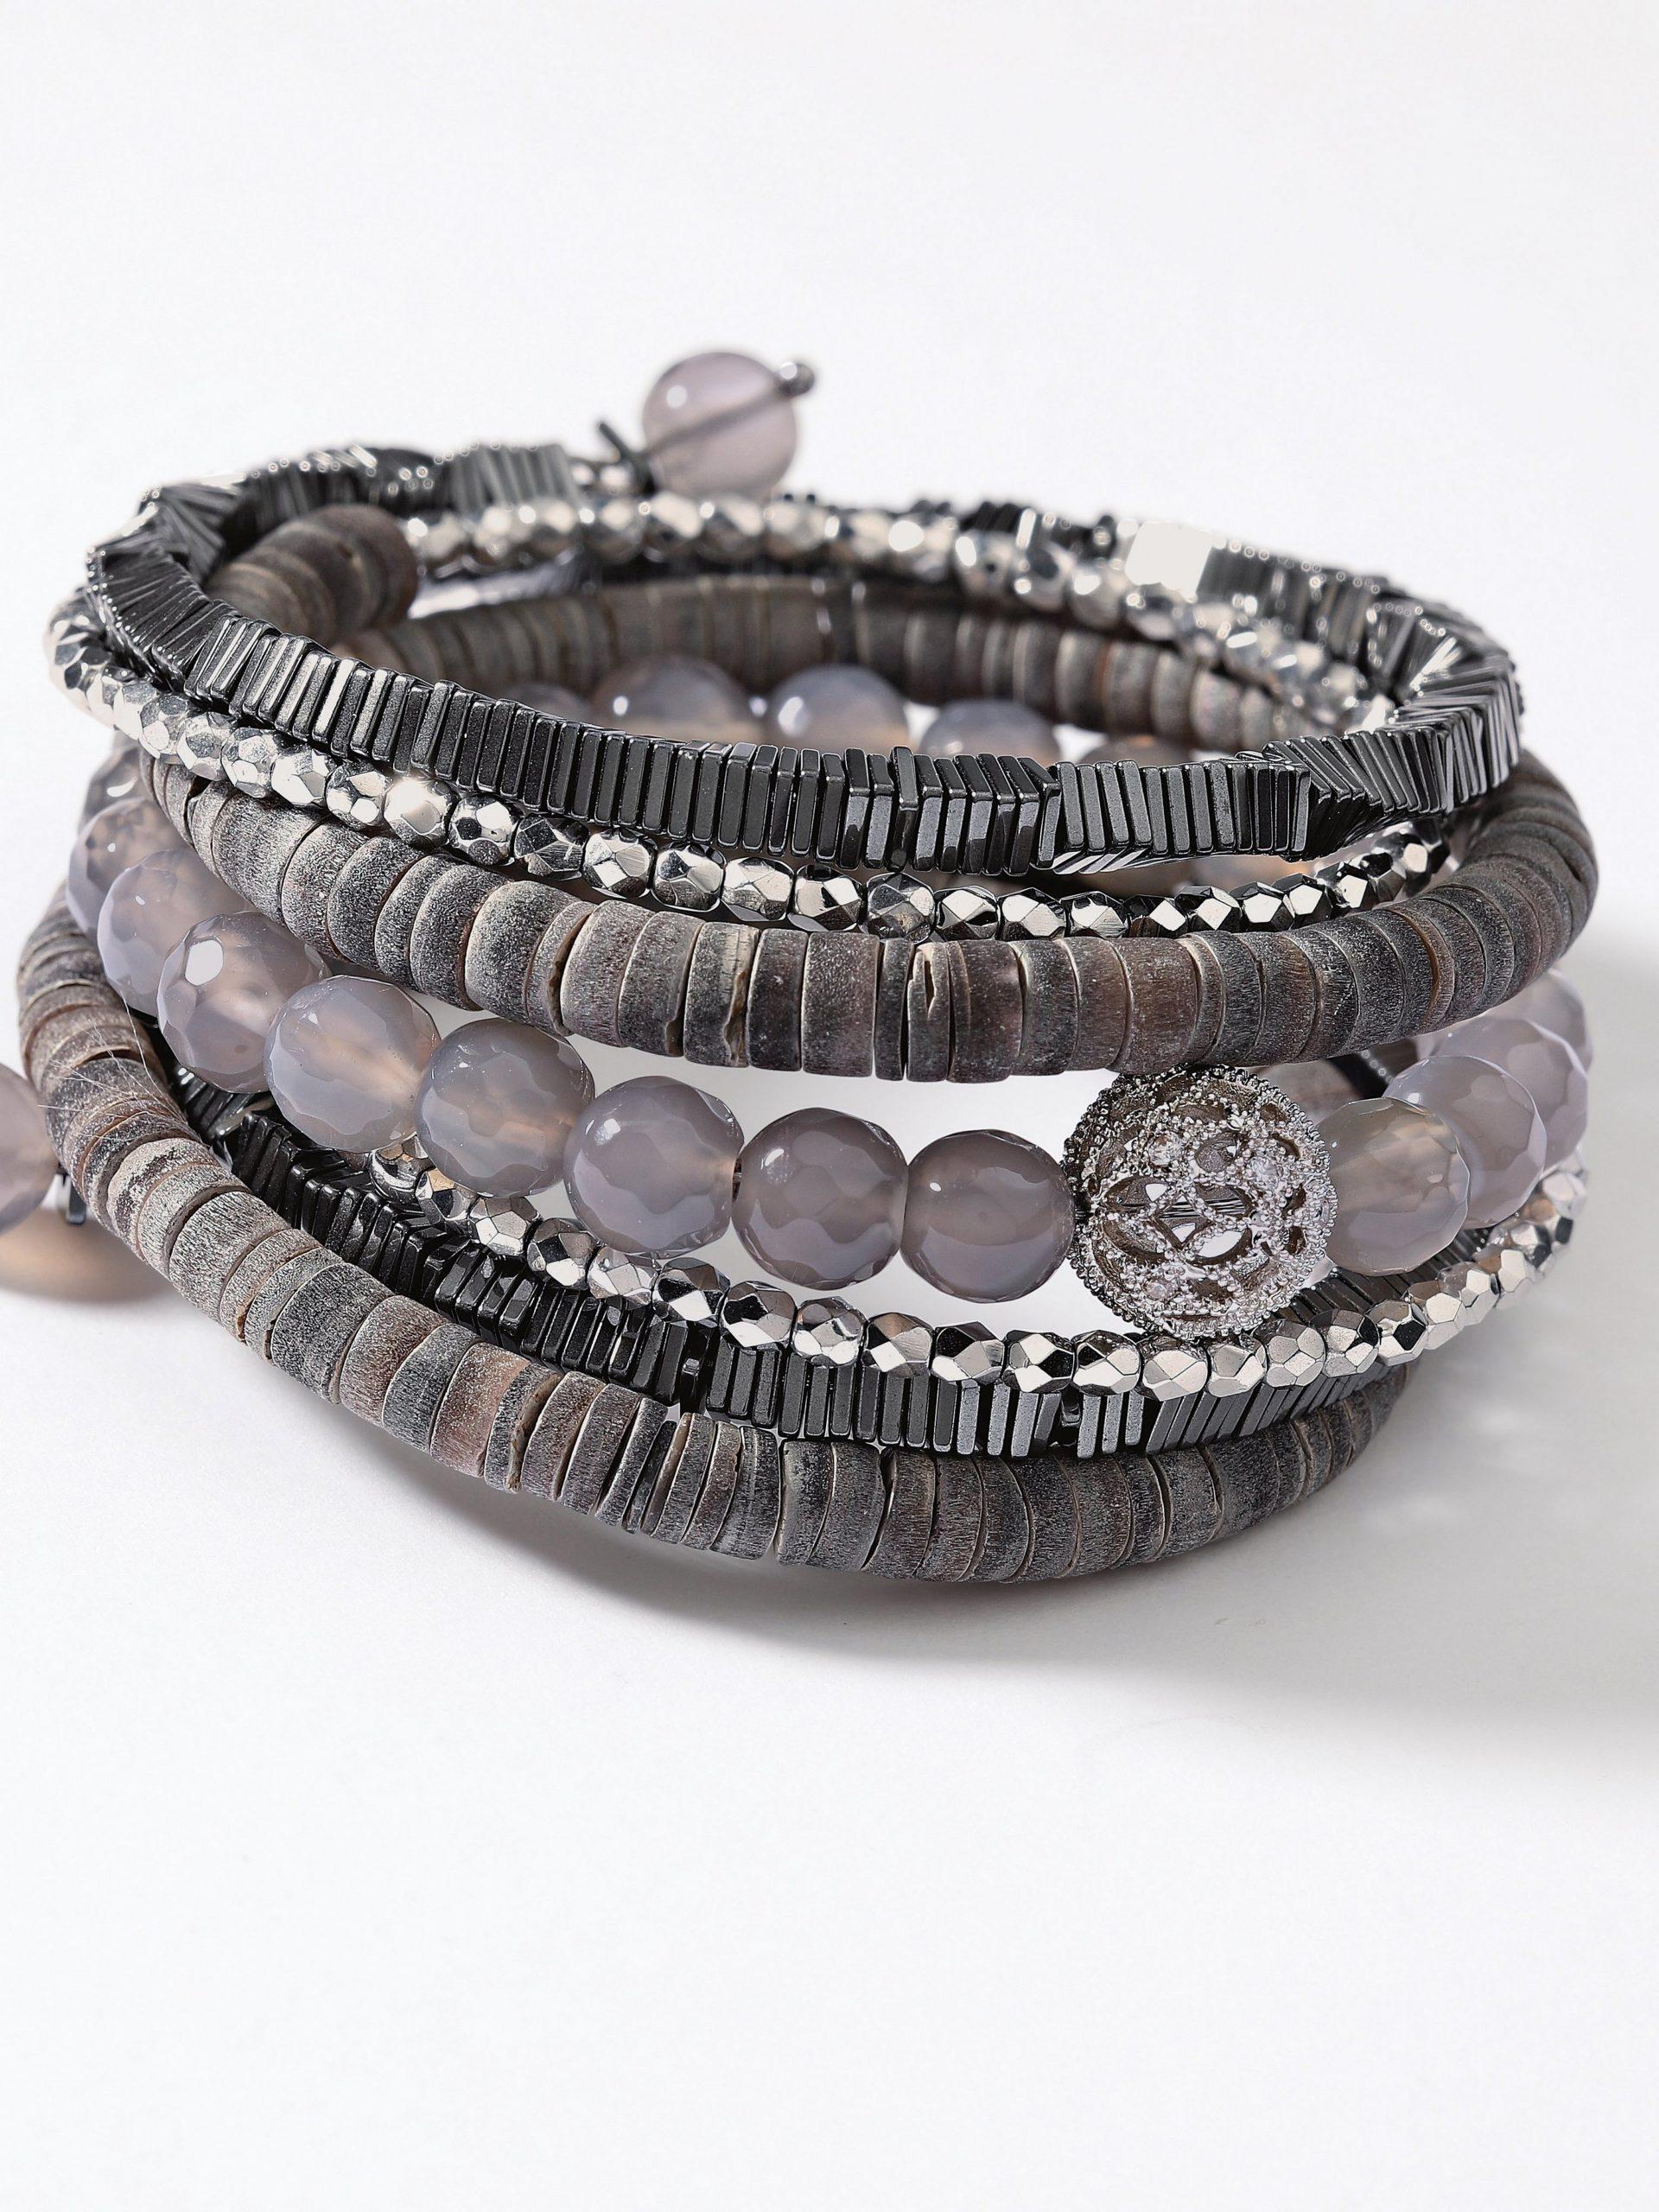 Armband met gefacetteerde agaatkralen Van Langani grijs Kopen